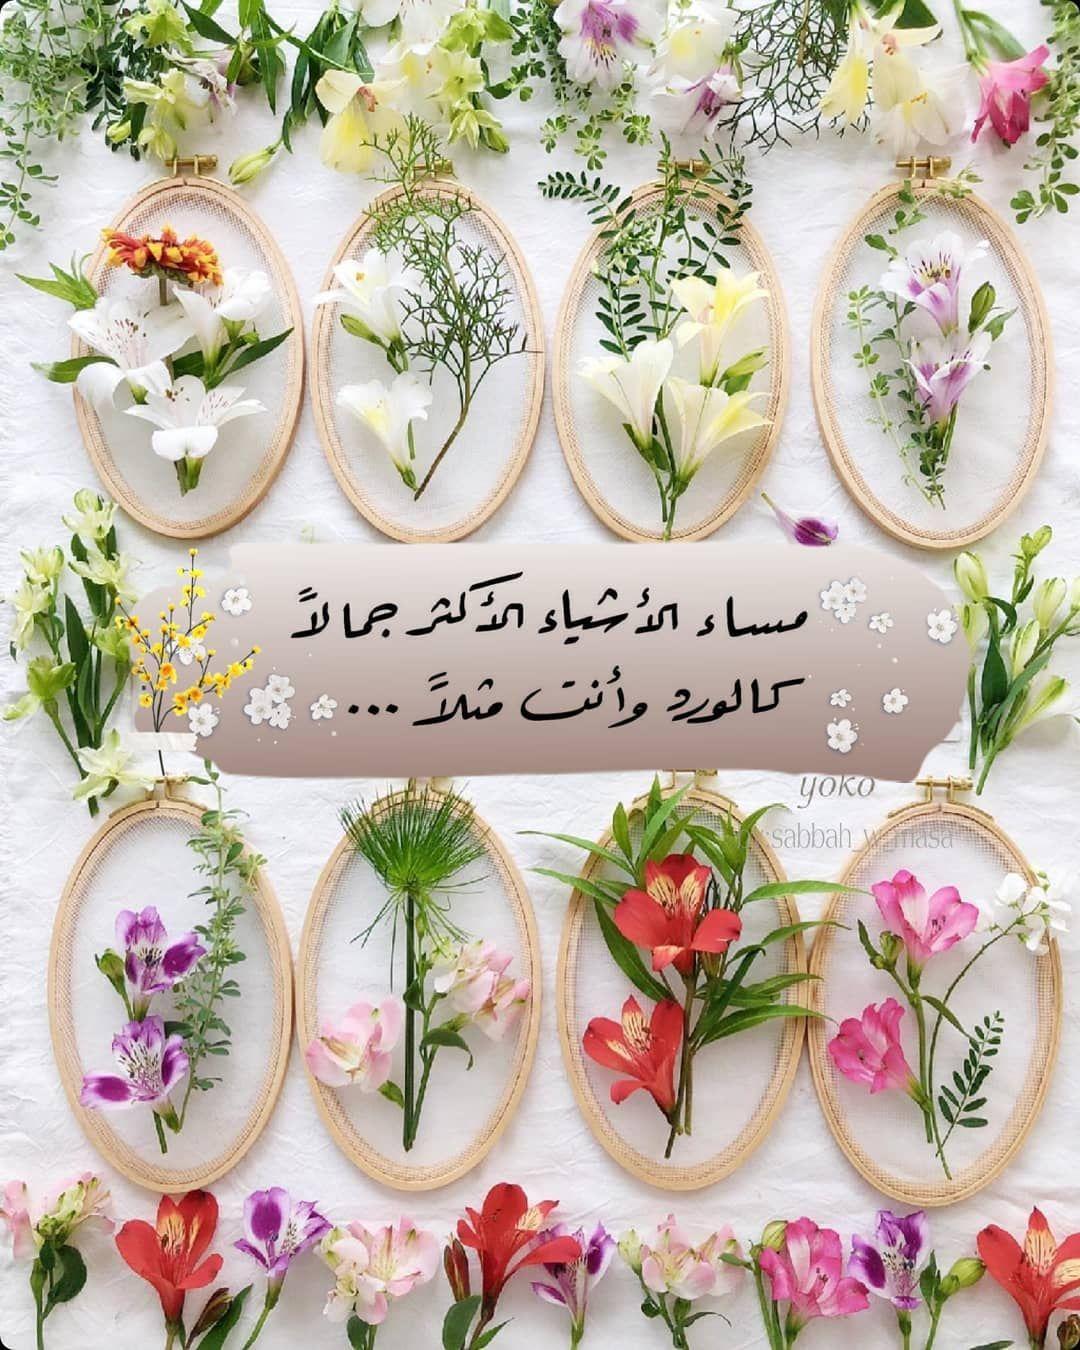 صبح و مساء On Instagram مساء الخير مساء الورد تصميم تصاميم السعودية صب Good Night Messages Flower Wallpaper Happy Saturday